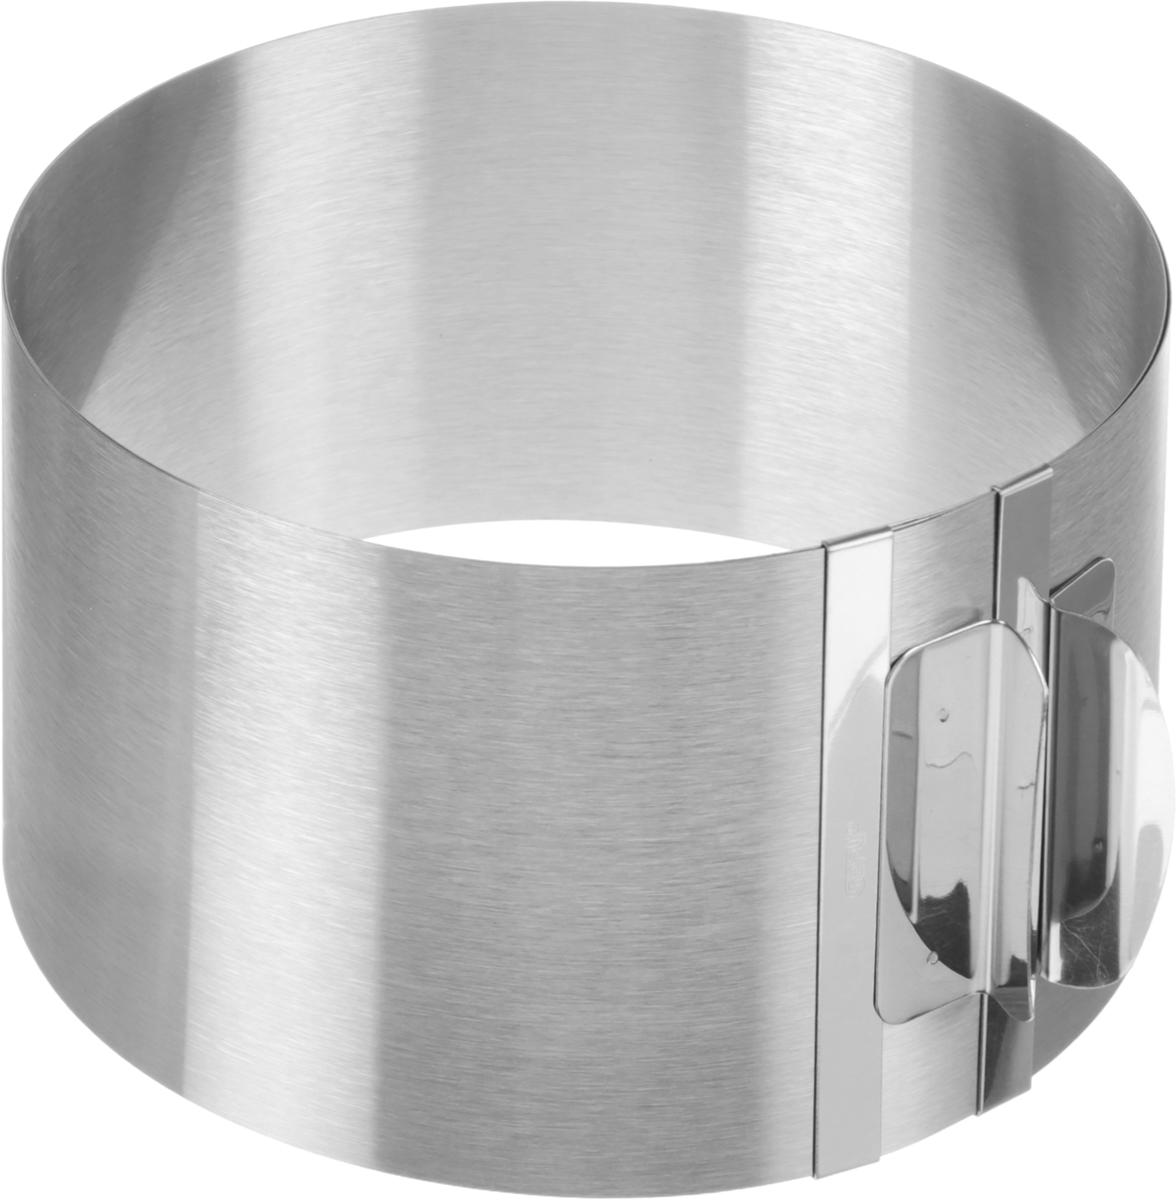 Кольцо для выпечки Tondo XXL391602Кольцо для выпечки Gefu Tondo XXL изготовлено из нержавеющей стали. Конструкция кольца такова, что позволяет регулировать диаметр от 16,5 см до 32 см. Для облегчения процесса чистки полностью выпрямляется. Можно мыть в посудомоечной машине. Характеристики: Материал: сталь. Диаметр: 16,5 см - 32 см. Высота: 10 см. Размер упаковки: 17,8 см х 16,8 см х 10,5 см. Производитель: Германия. Артикул: 14304.